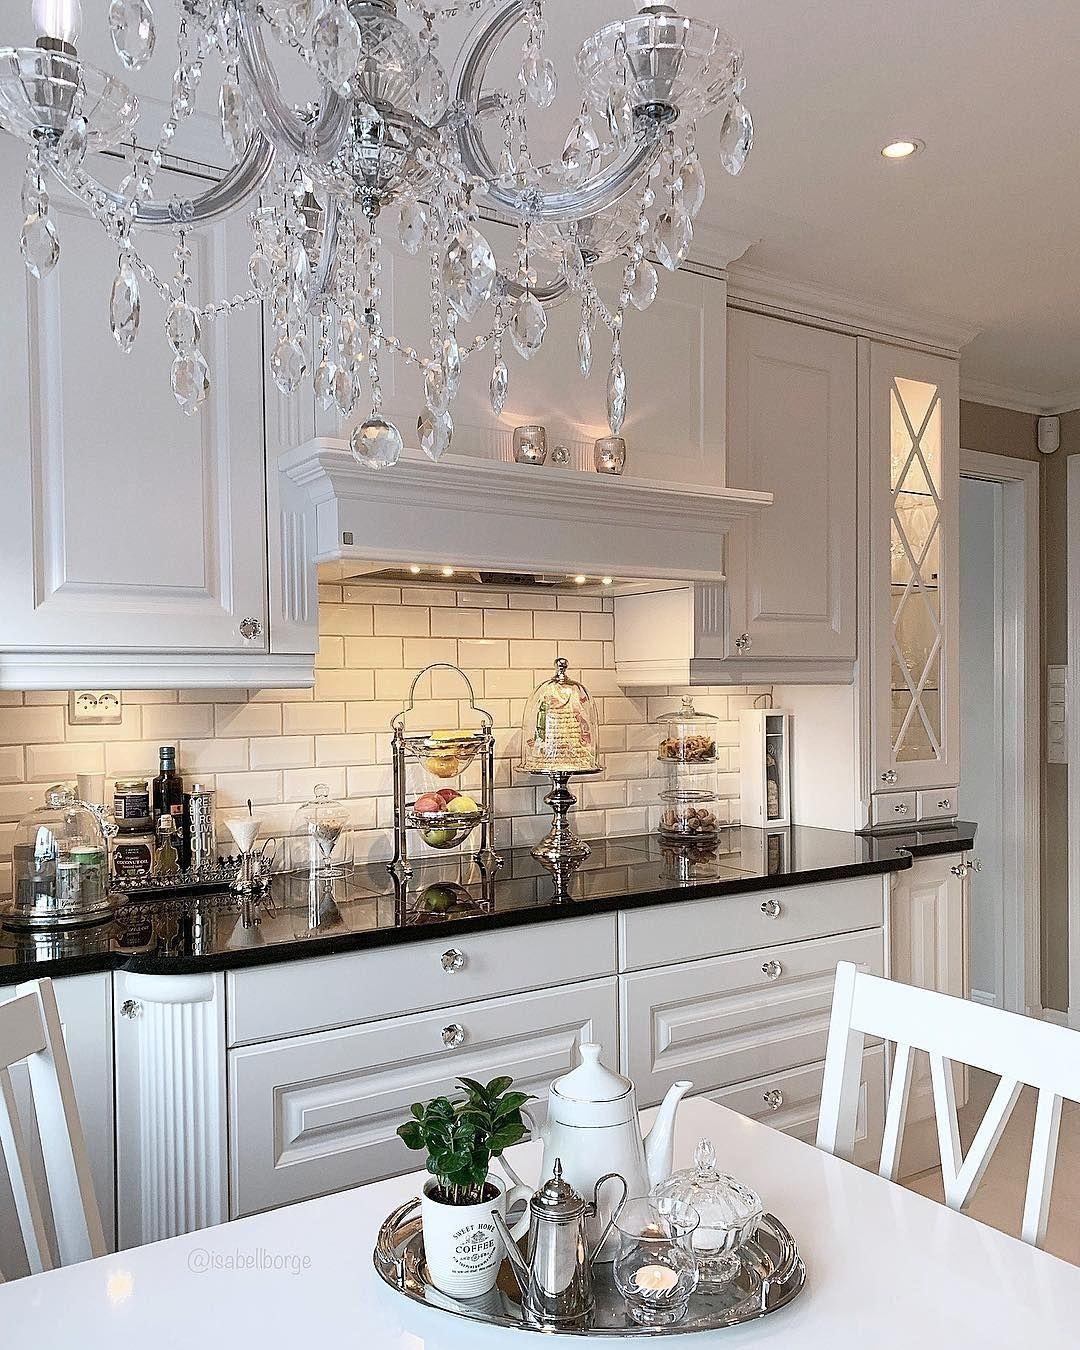 Great Home Design Ideas: 20+ Great Kitchen Design Ideas